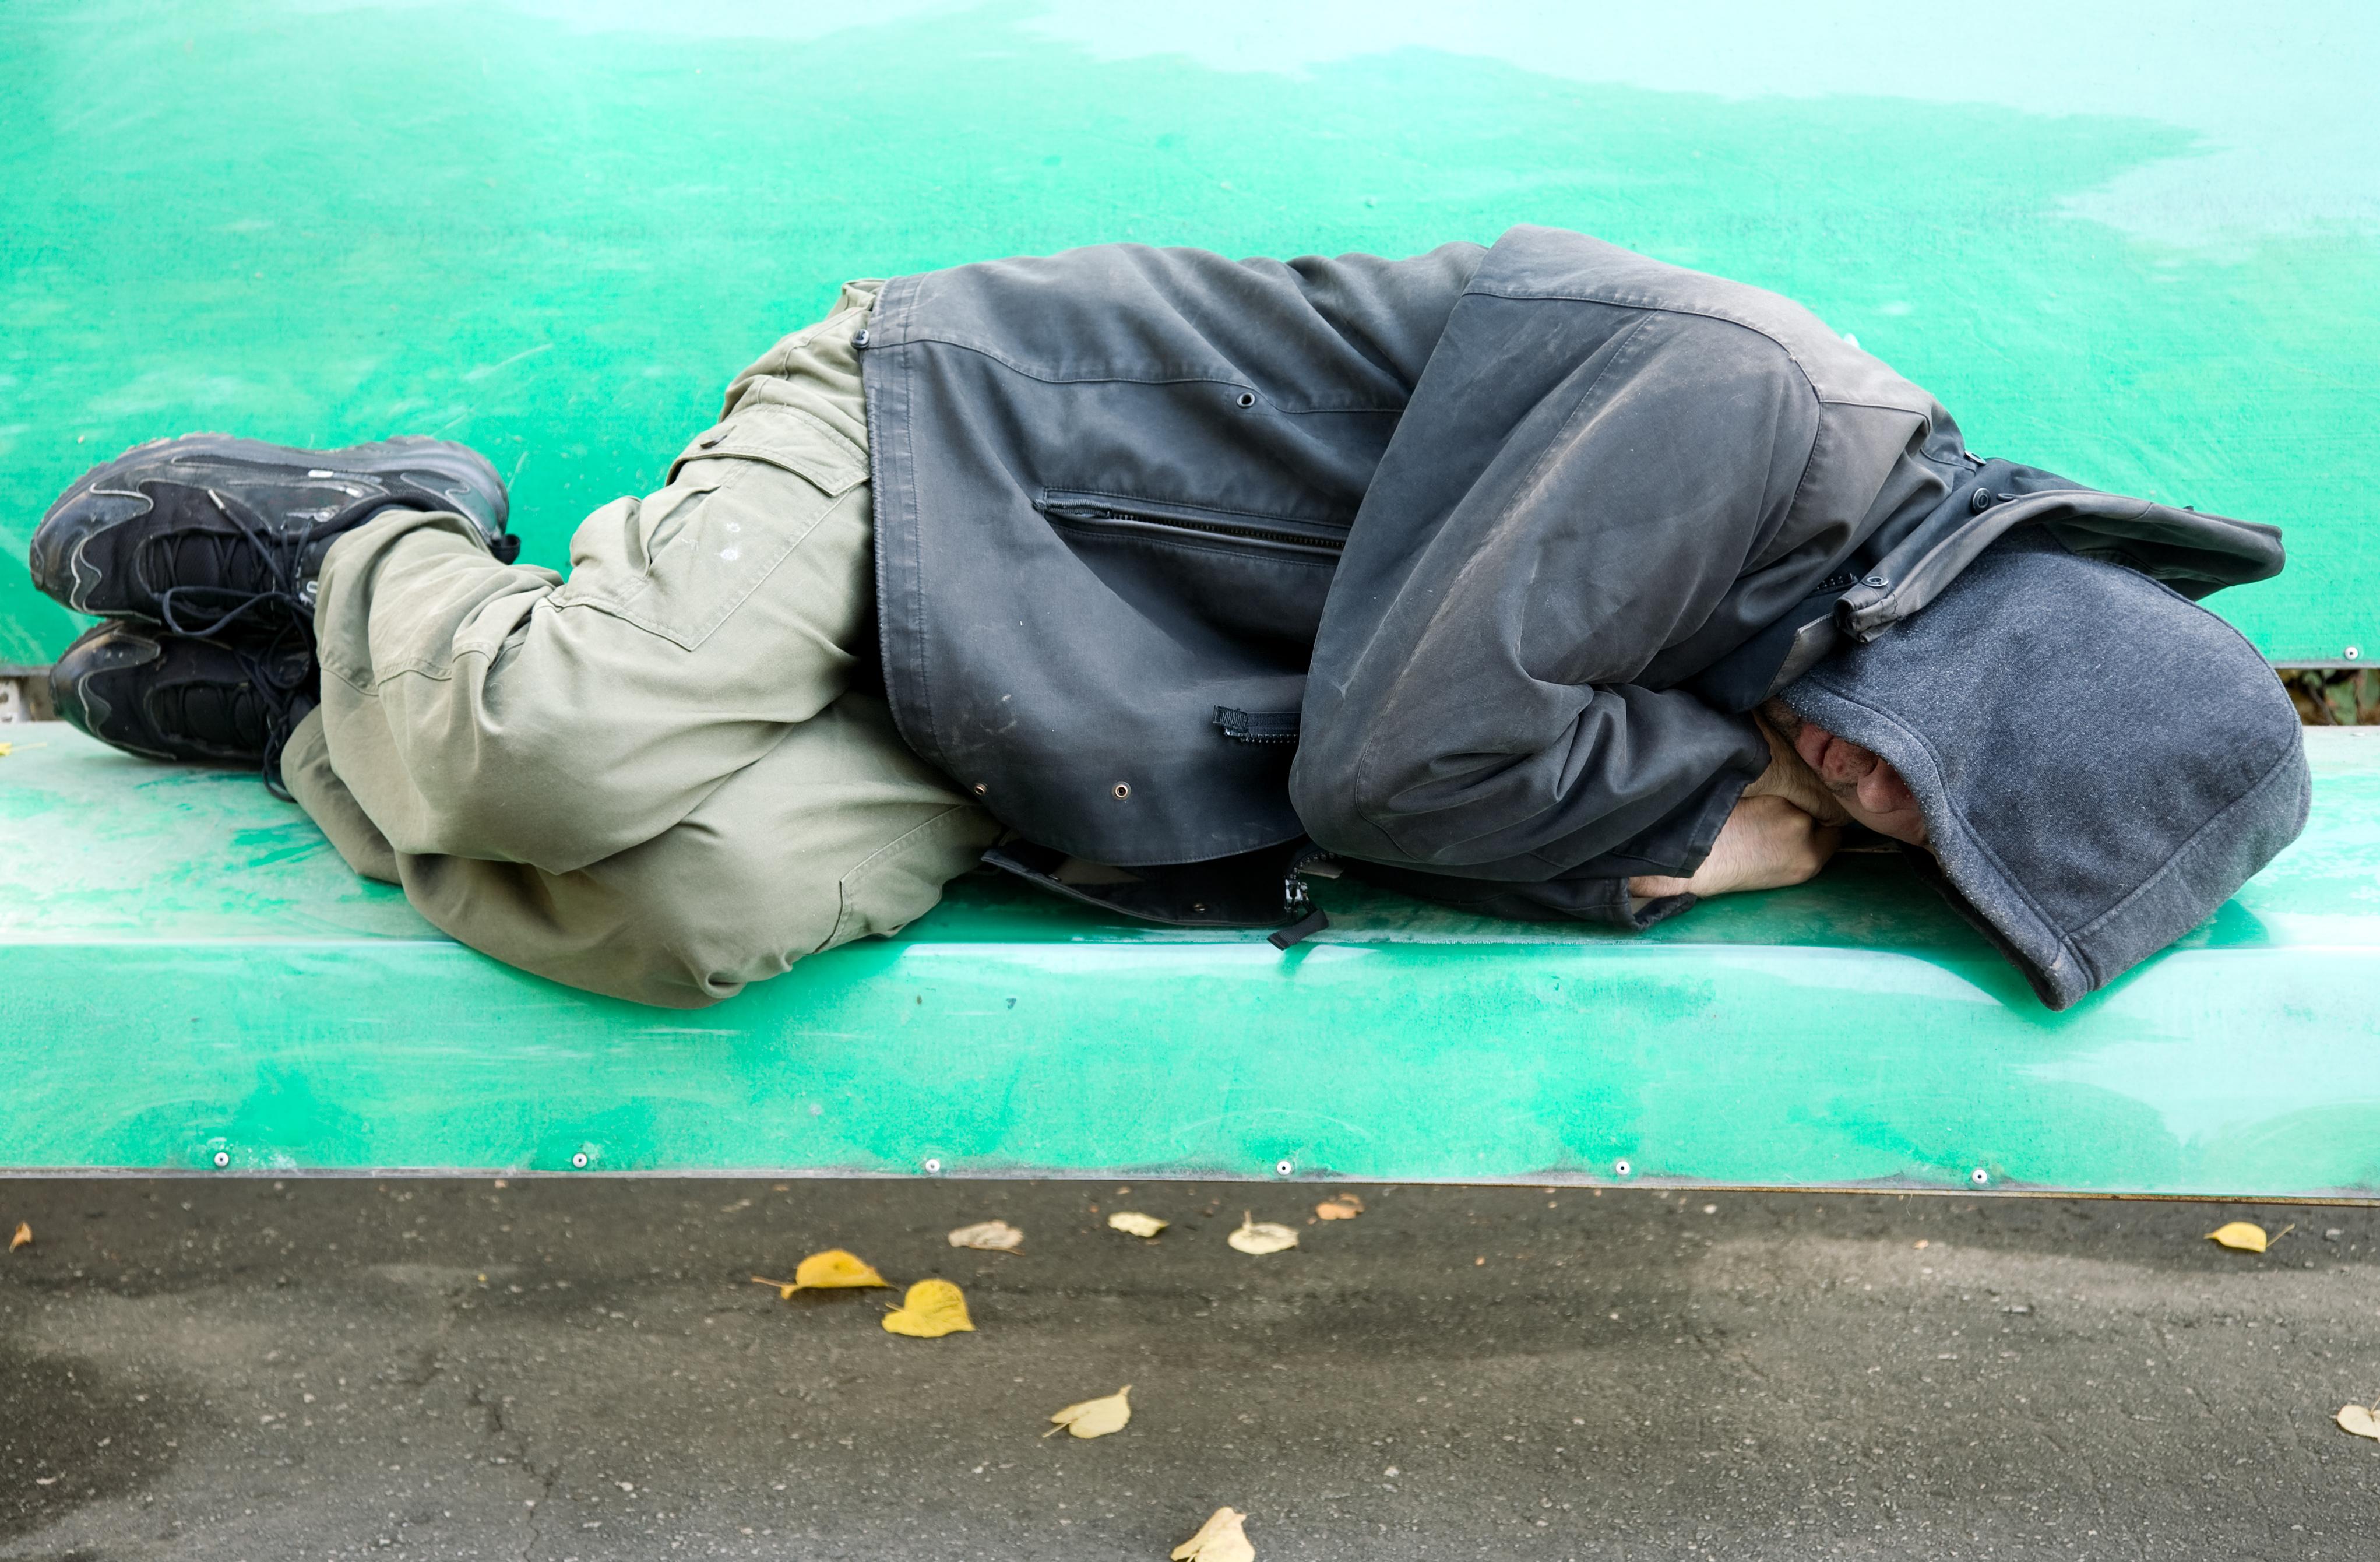 hjemløs bænk fattig